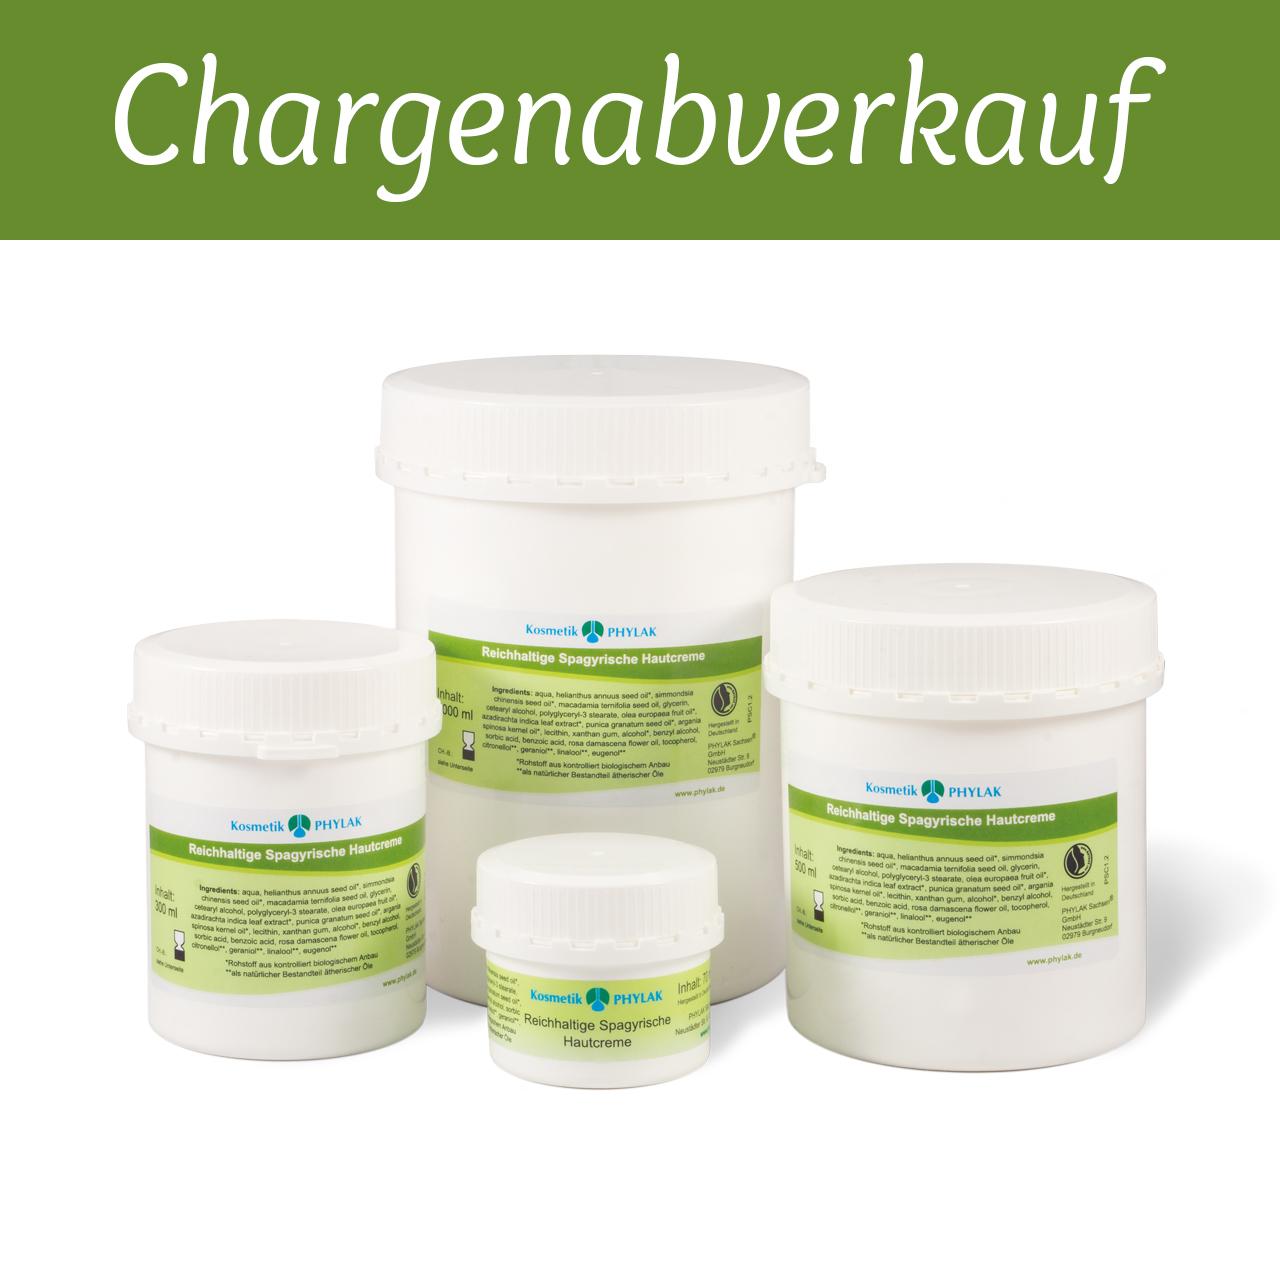 PSC 1.2 – Reichhaltige Spagyrische Hautcreme (70 ml)